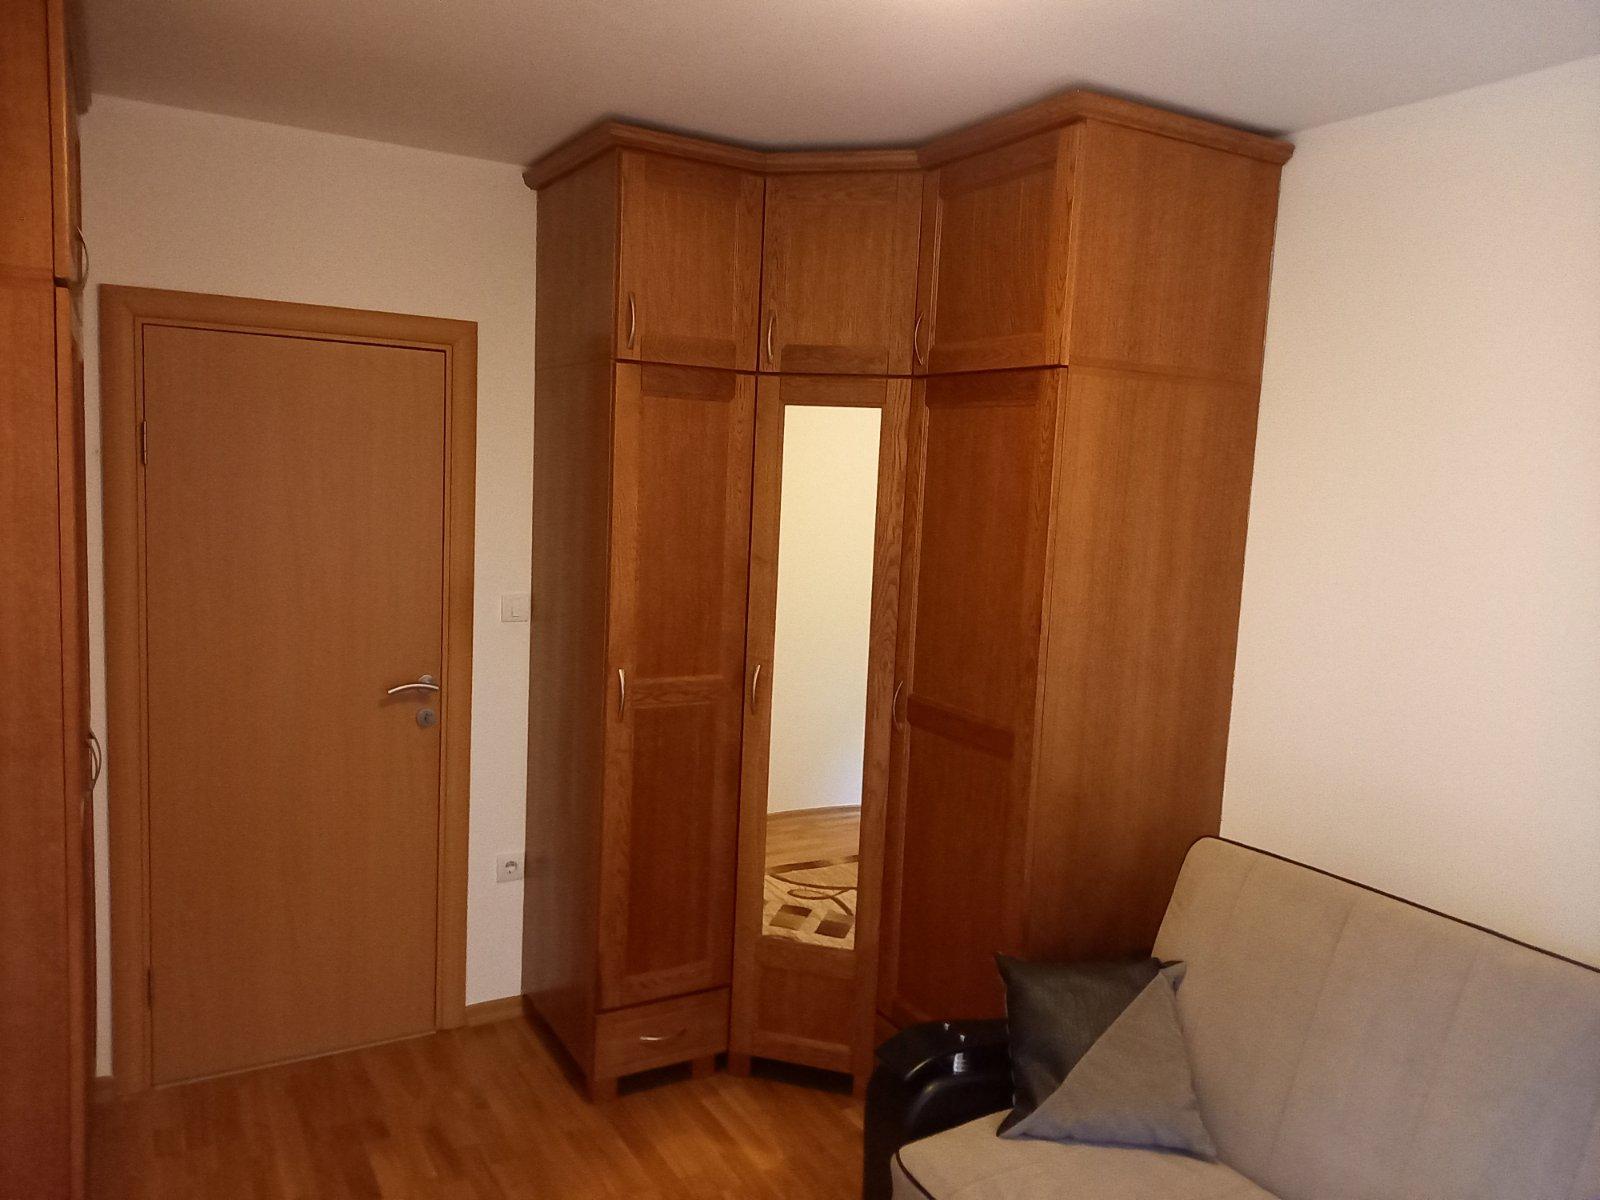 Namješten jednosoban stan u Dalmatinskoj ulici - 1